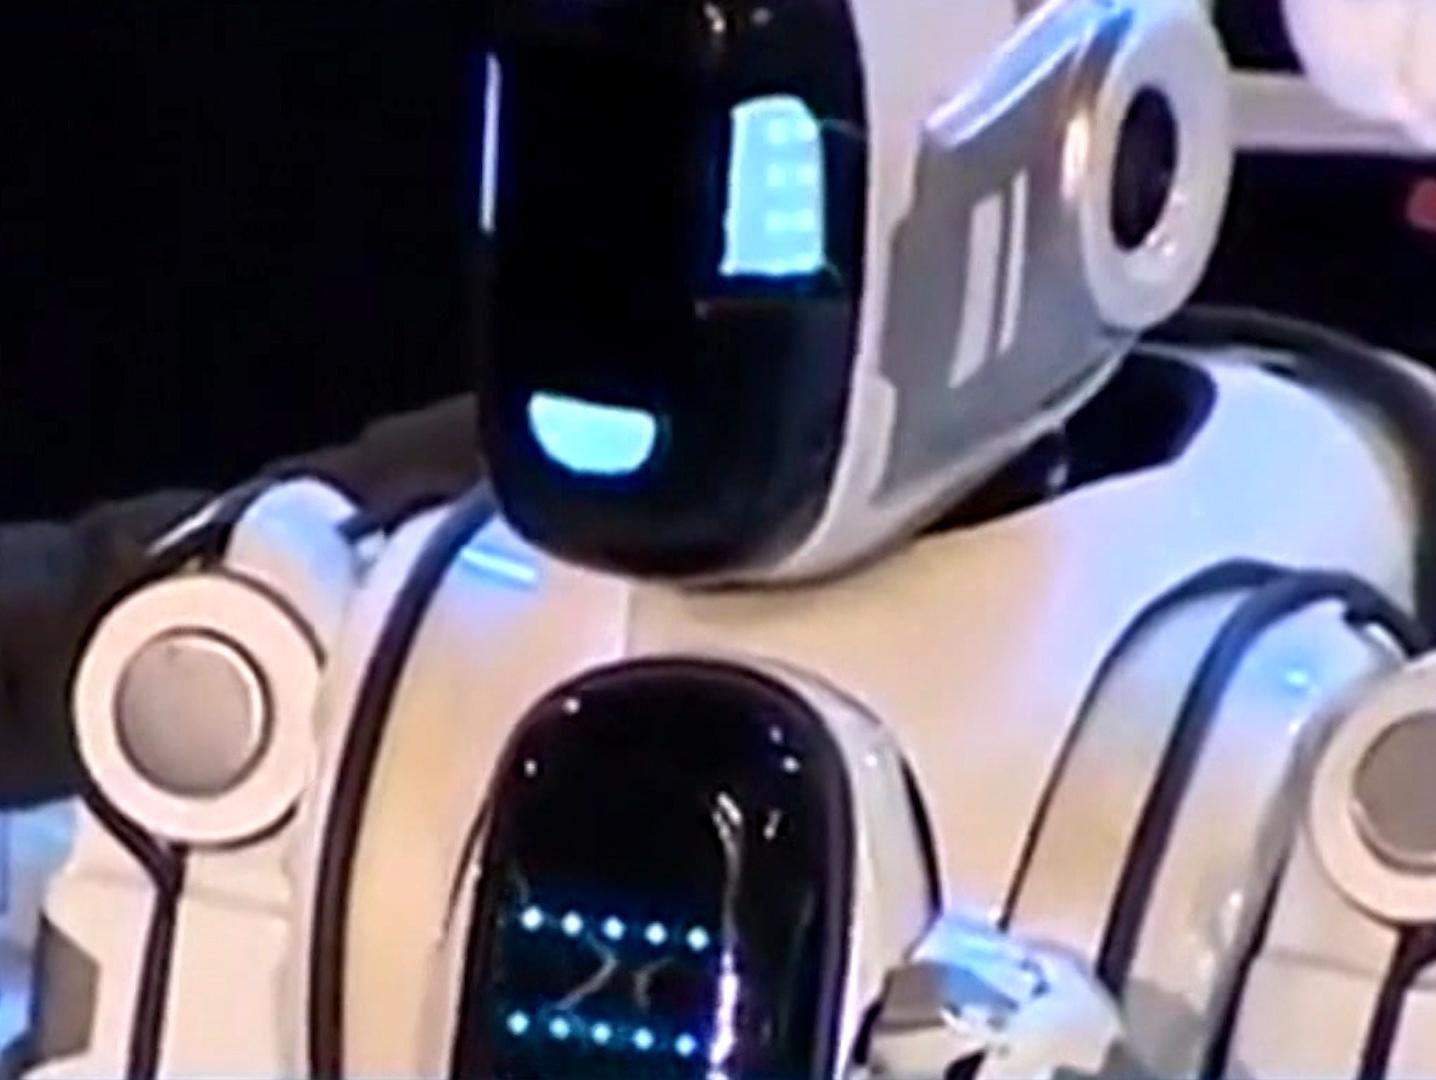 פאדיחה: נחשפה האמת המביכה על הרובוט המשוכלל שהוצג בכנס הטכנולוגיה